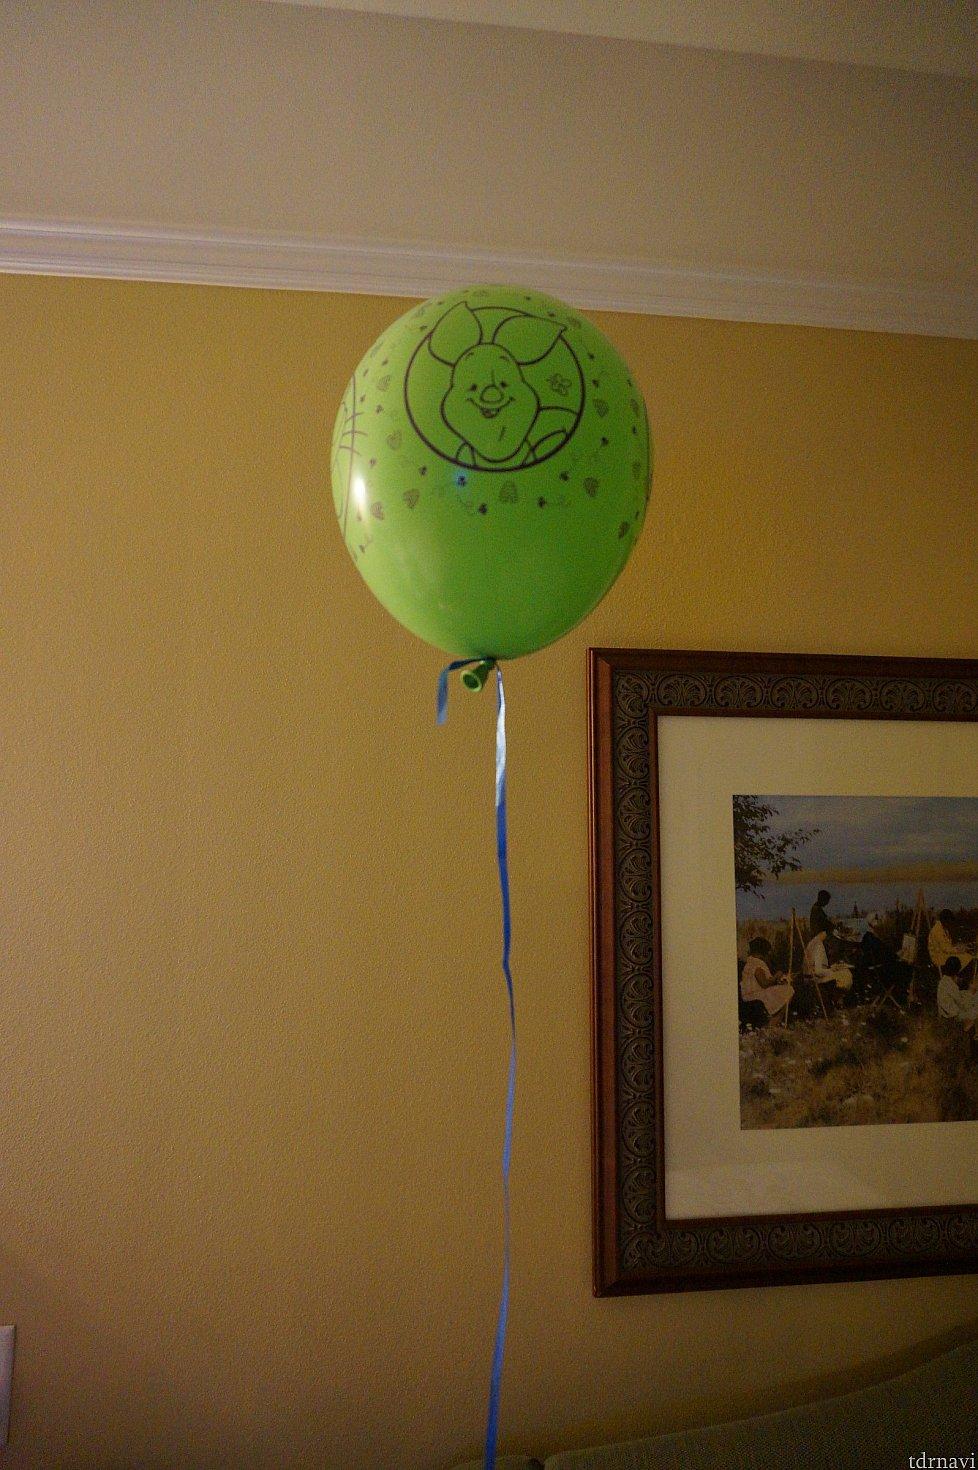 ショップでなにやらイベントをやっていたみたいで、風船もらいました。